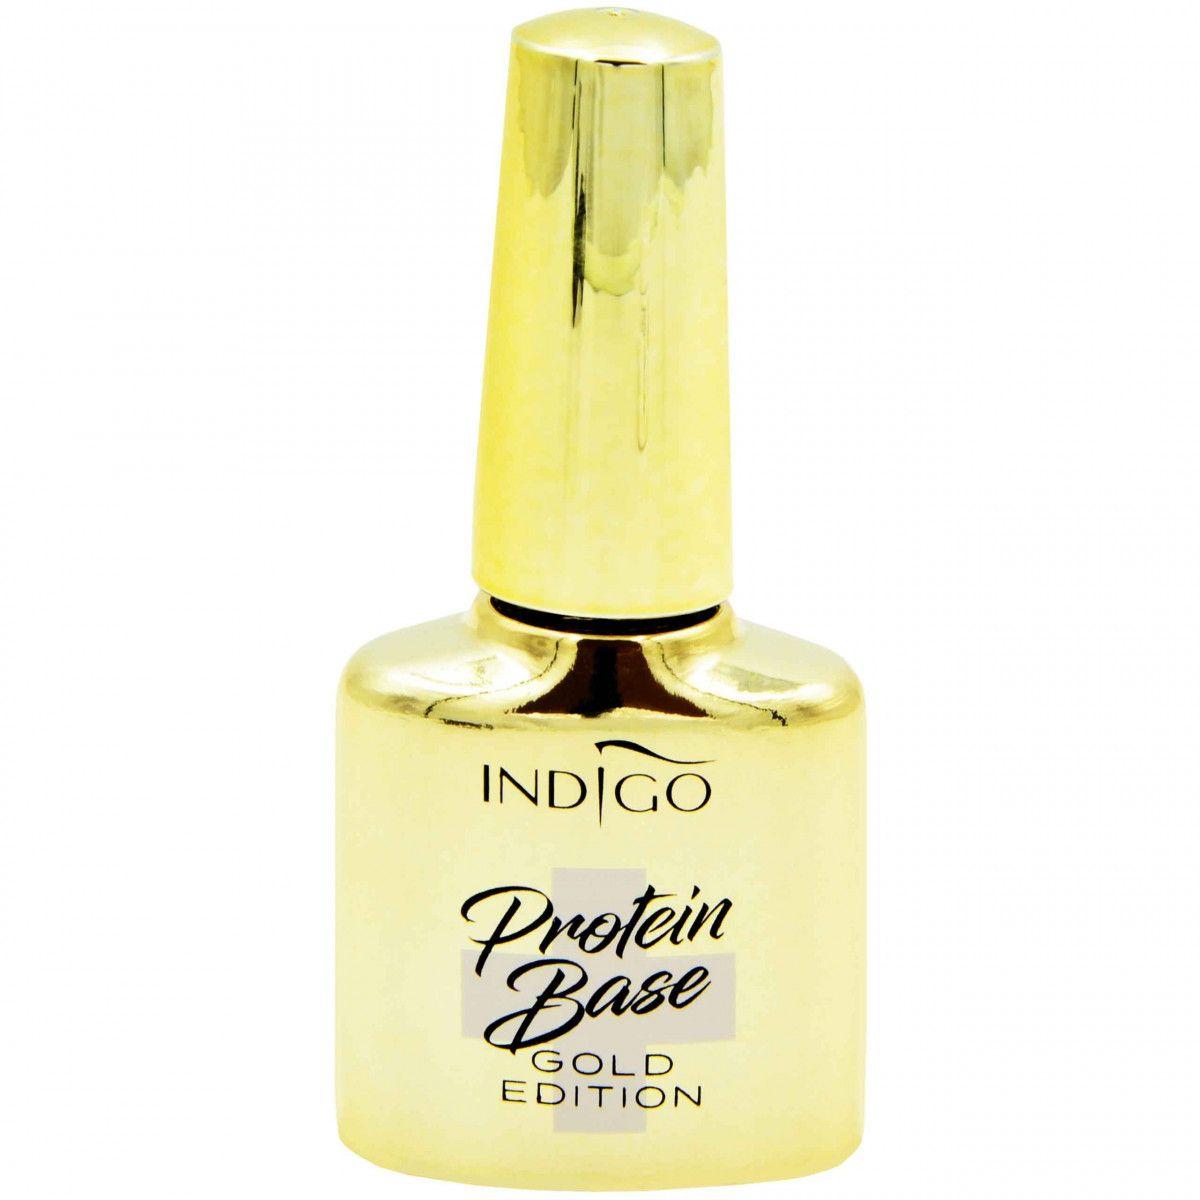 Indigo Protein Base Gold Edition Proteinowa baza do paznokci 7ml